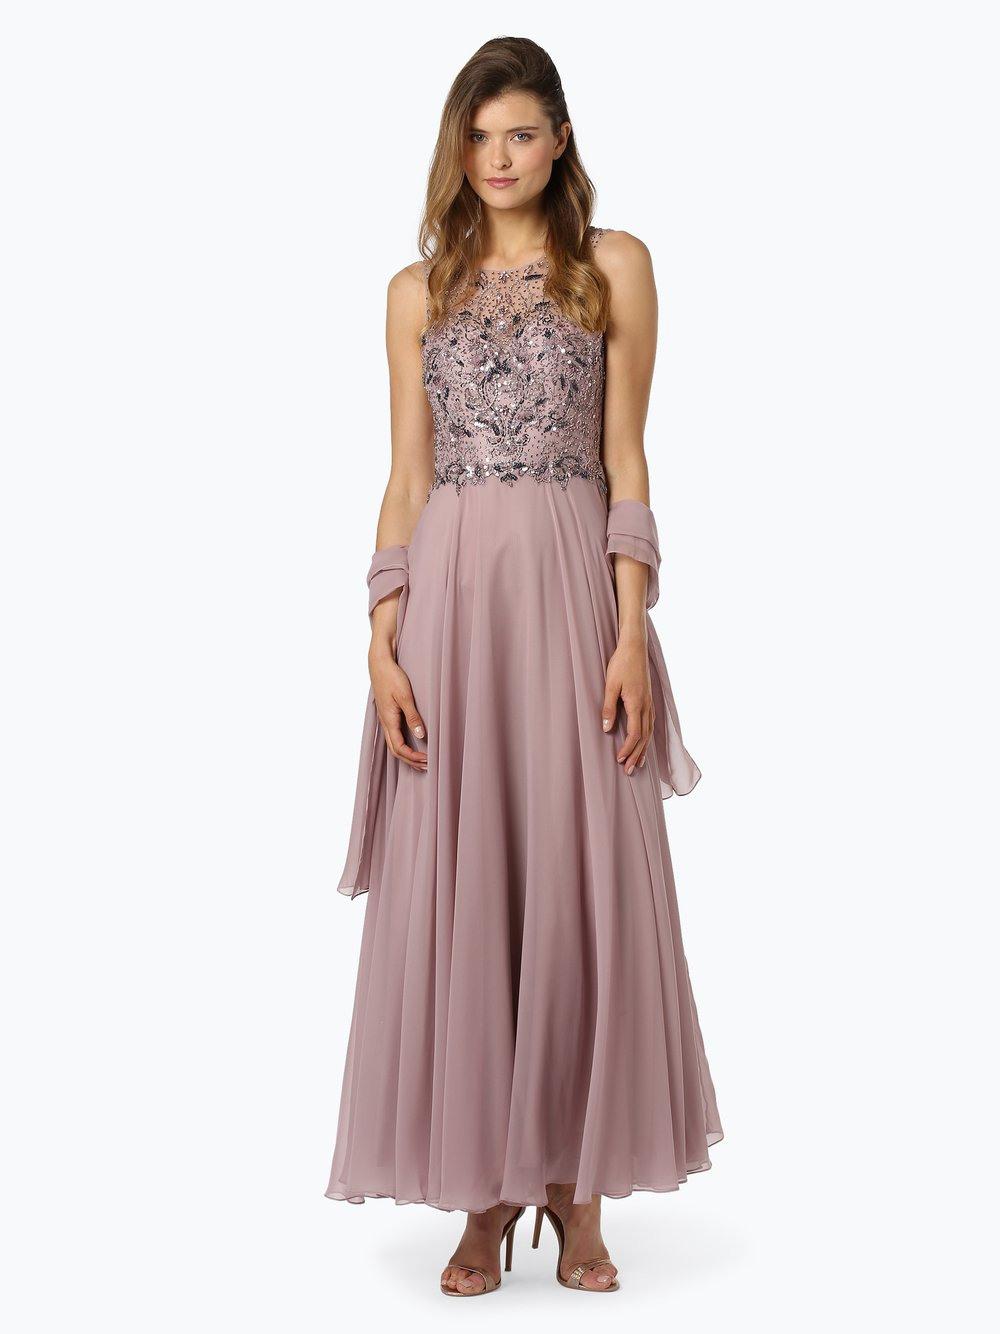 Einfach Unique Abendkleid Mit Stola Stylish15 Spektakulär Unique Abendkleid Mit Stola Vertrieb